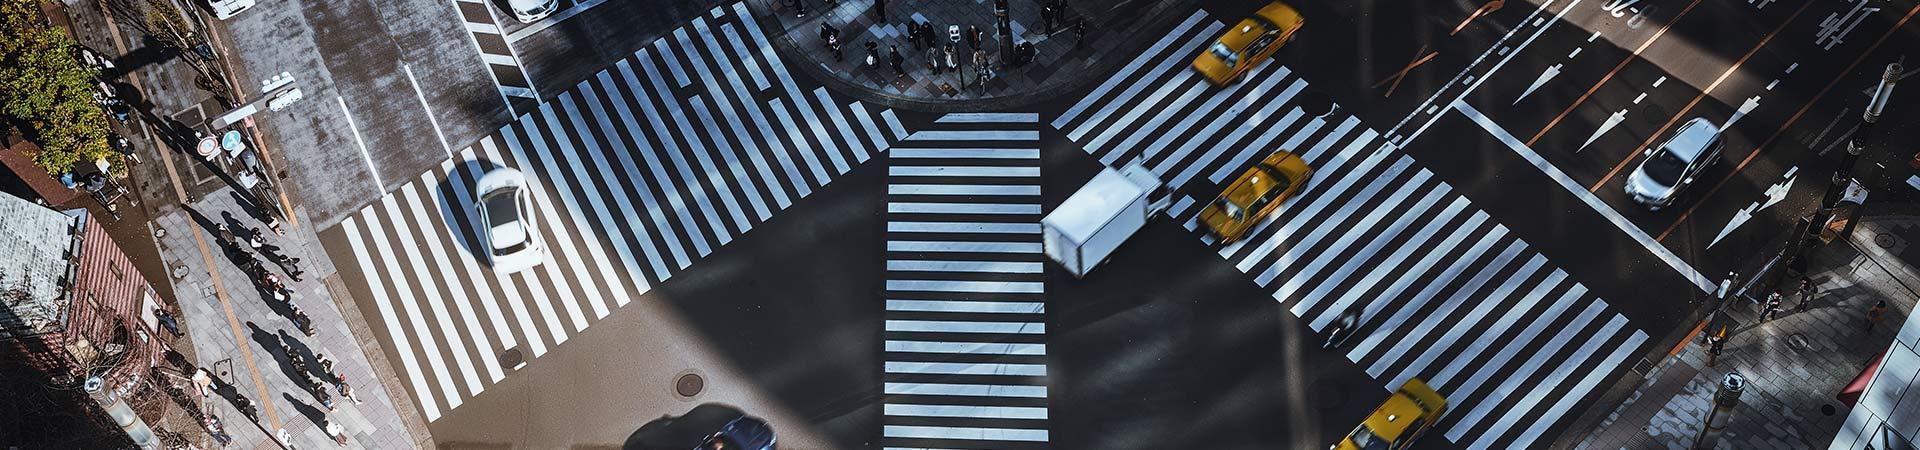 Straßenverkehr von oben